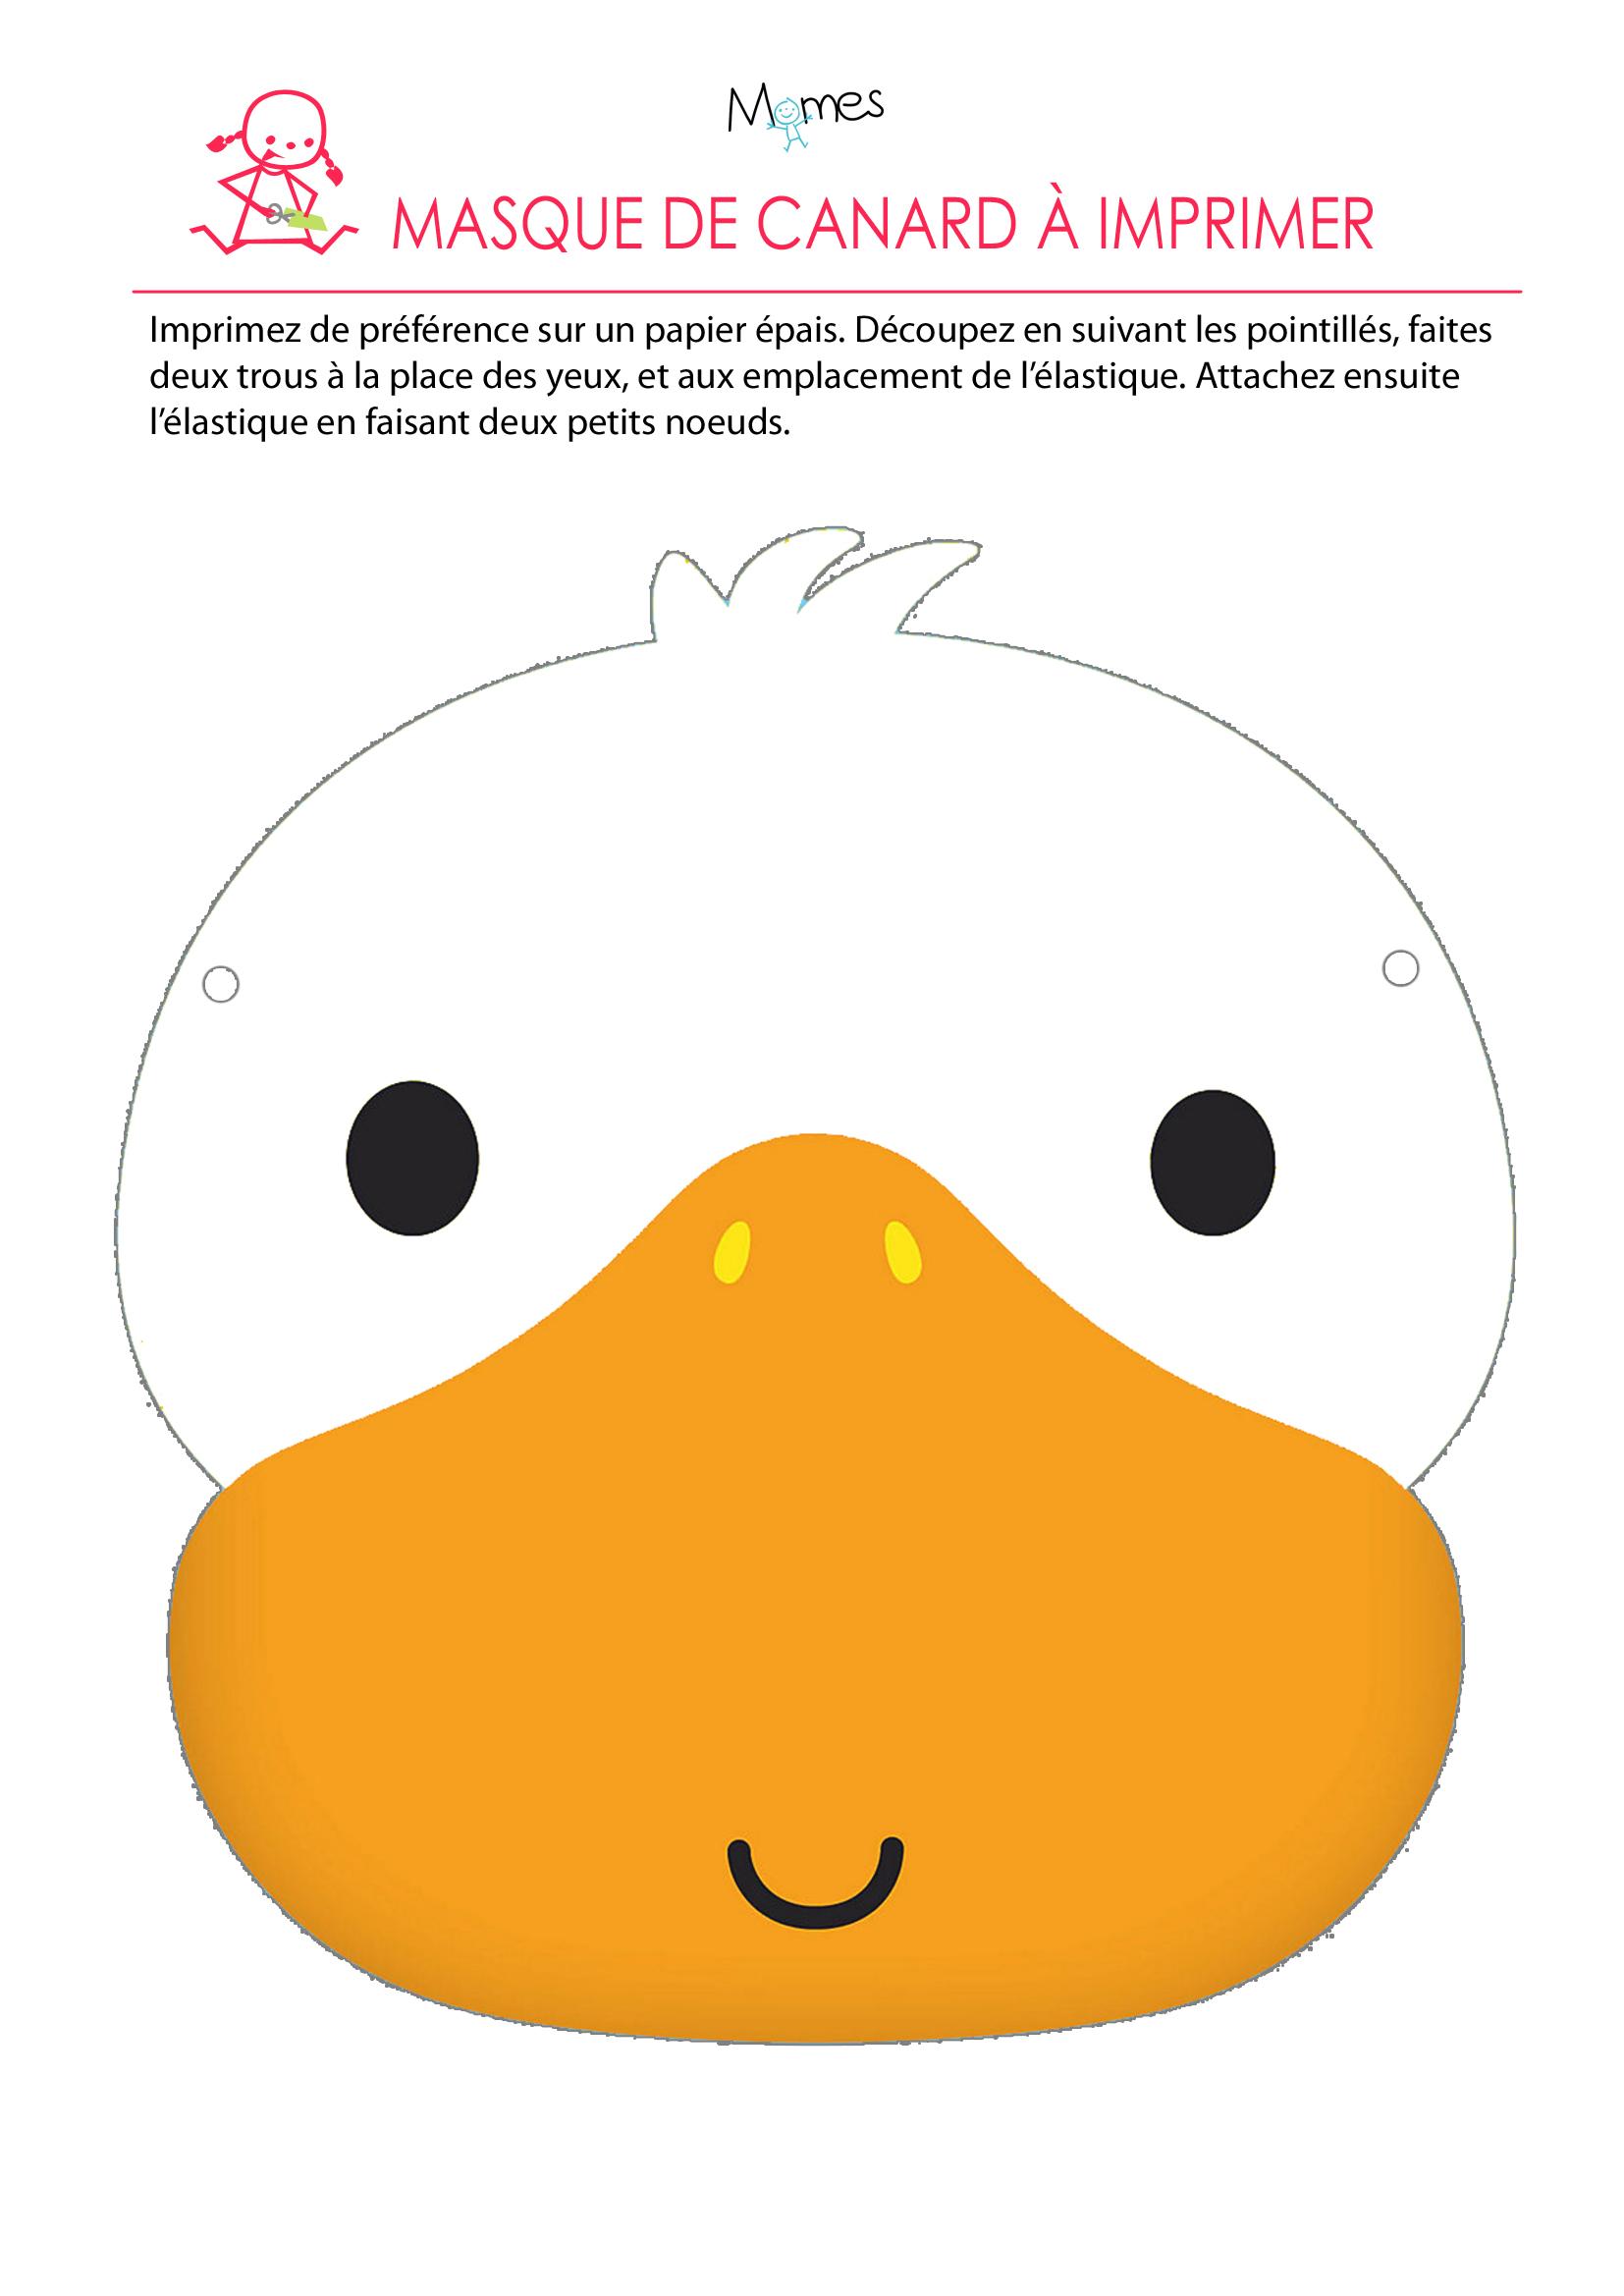 masque canard à imprimer